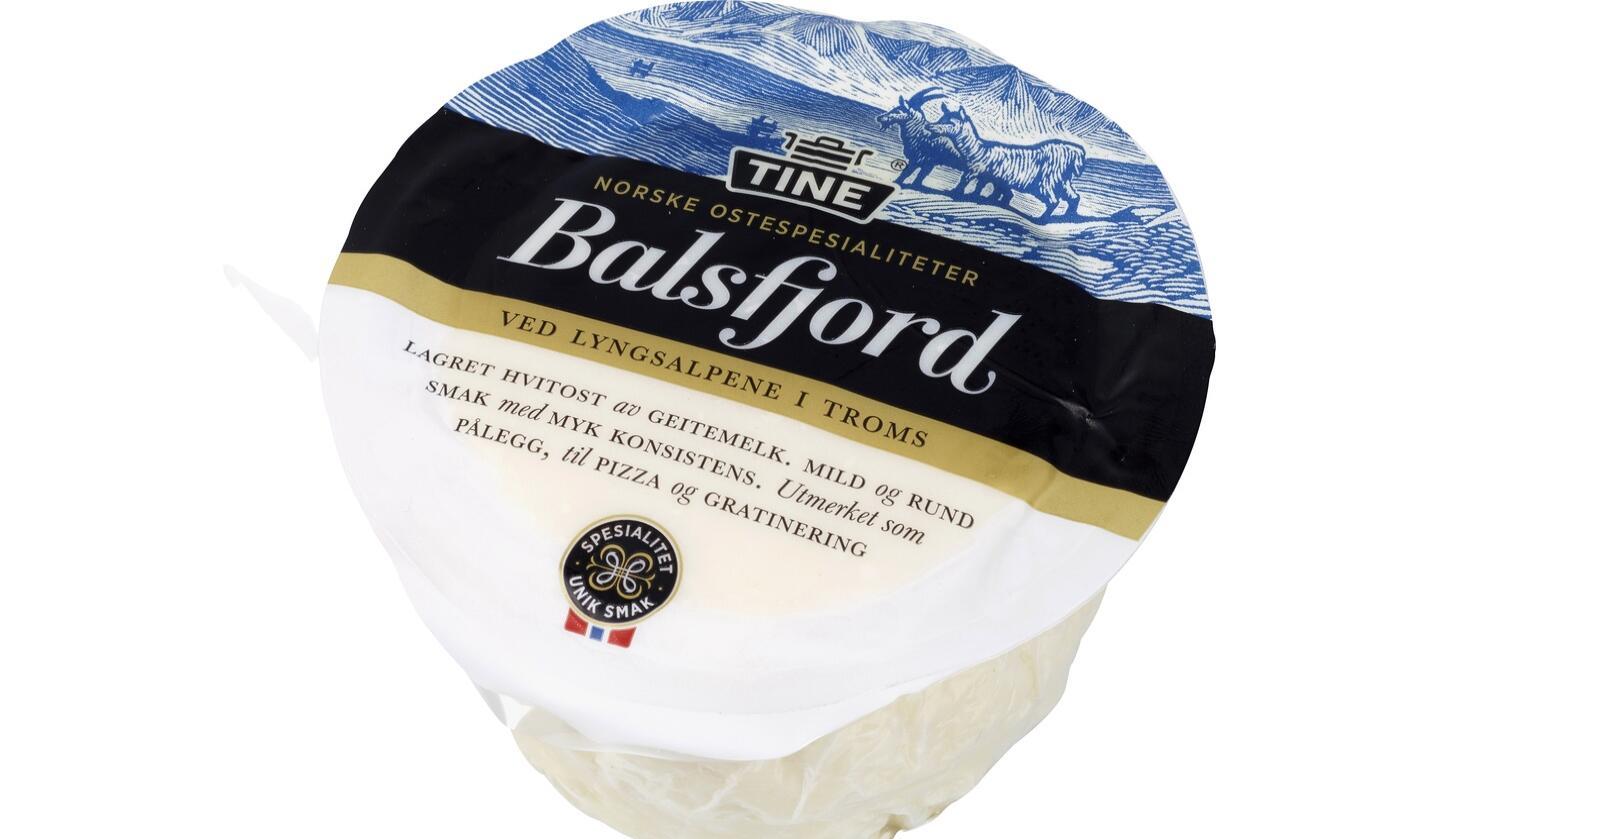 Forsvinner: Etter å ha sett på andre alternativer har Tine besluttet å ikke gjenoppta produksjonen av Balsfjordost. Foto: Tine